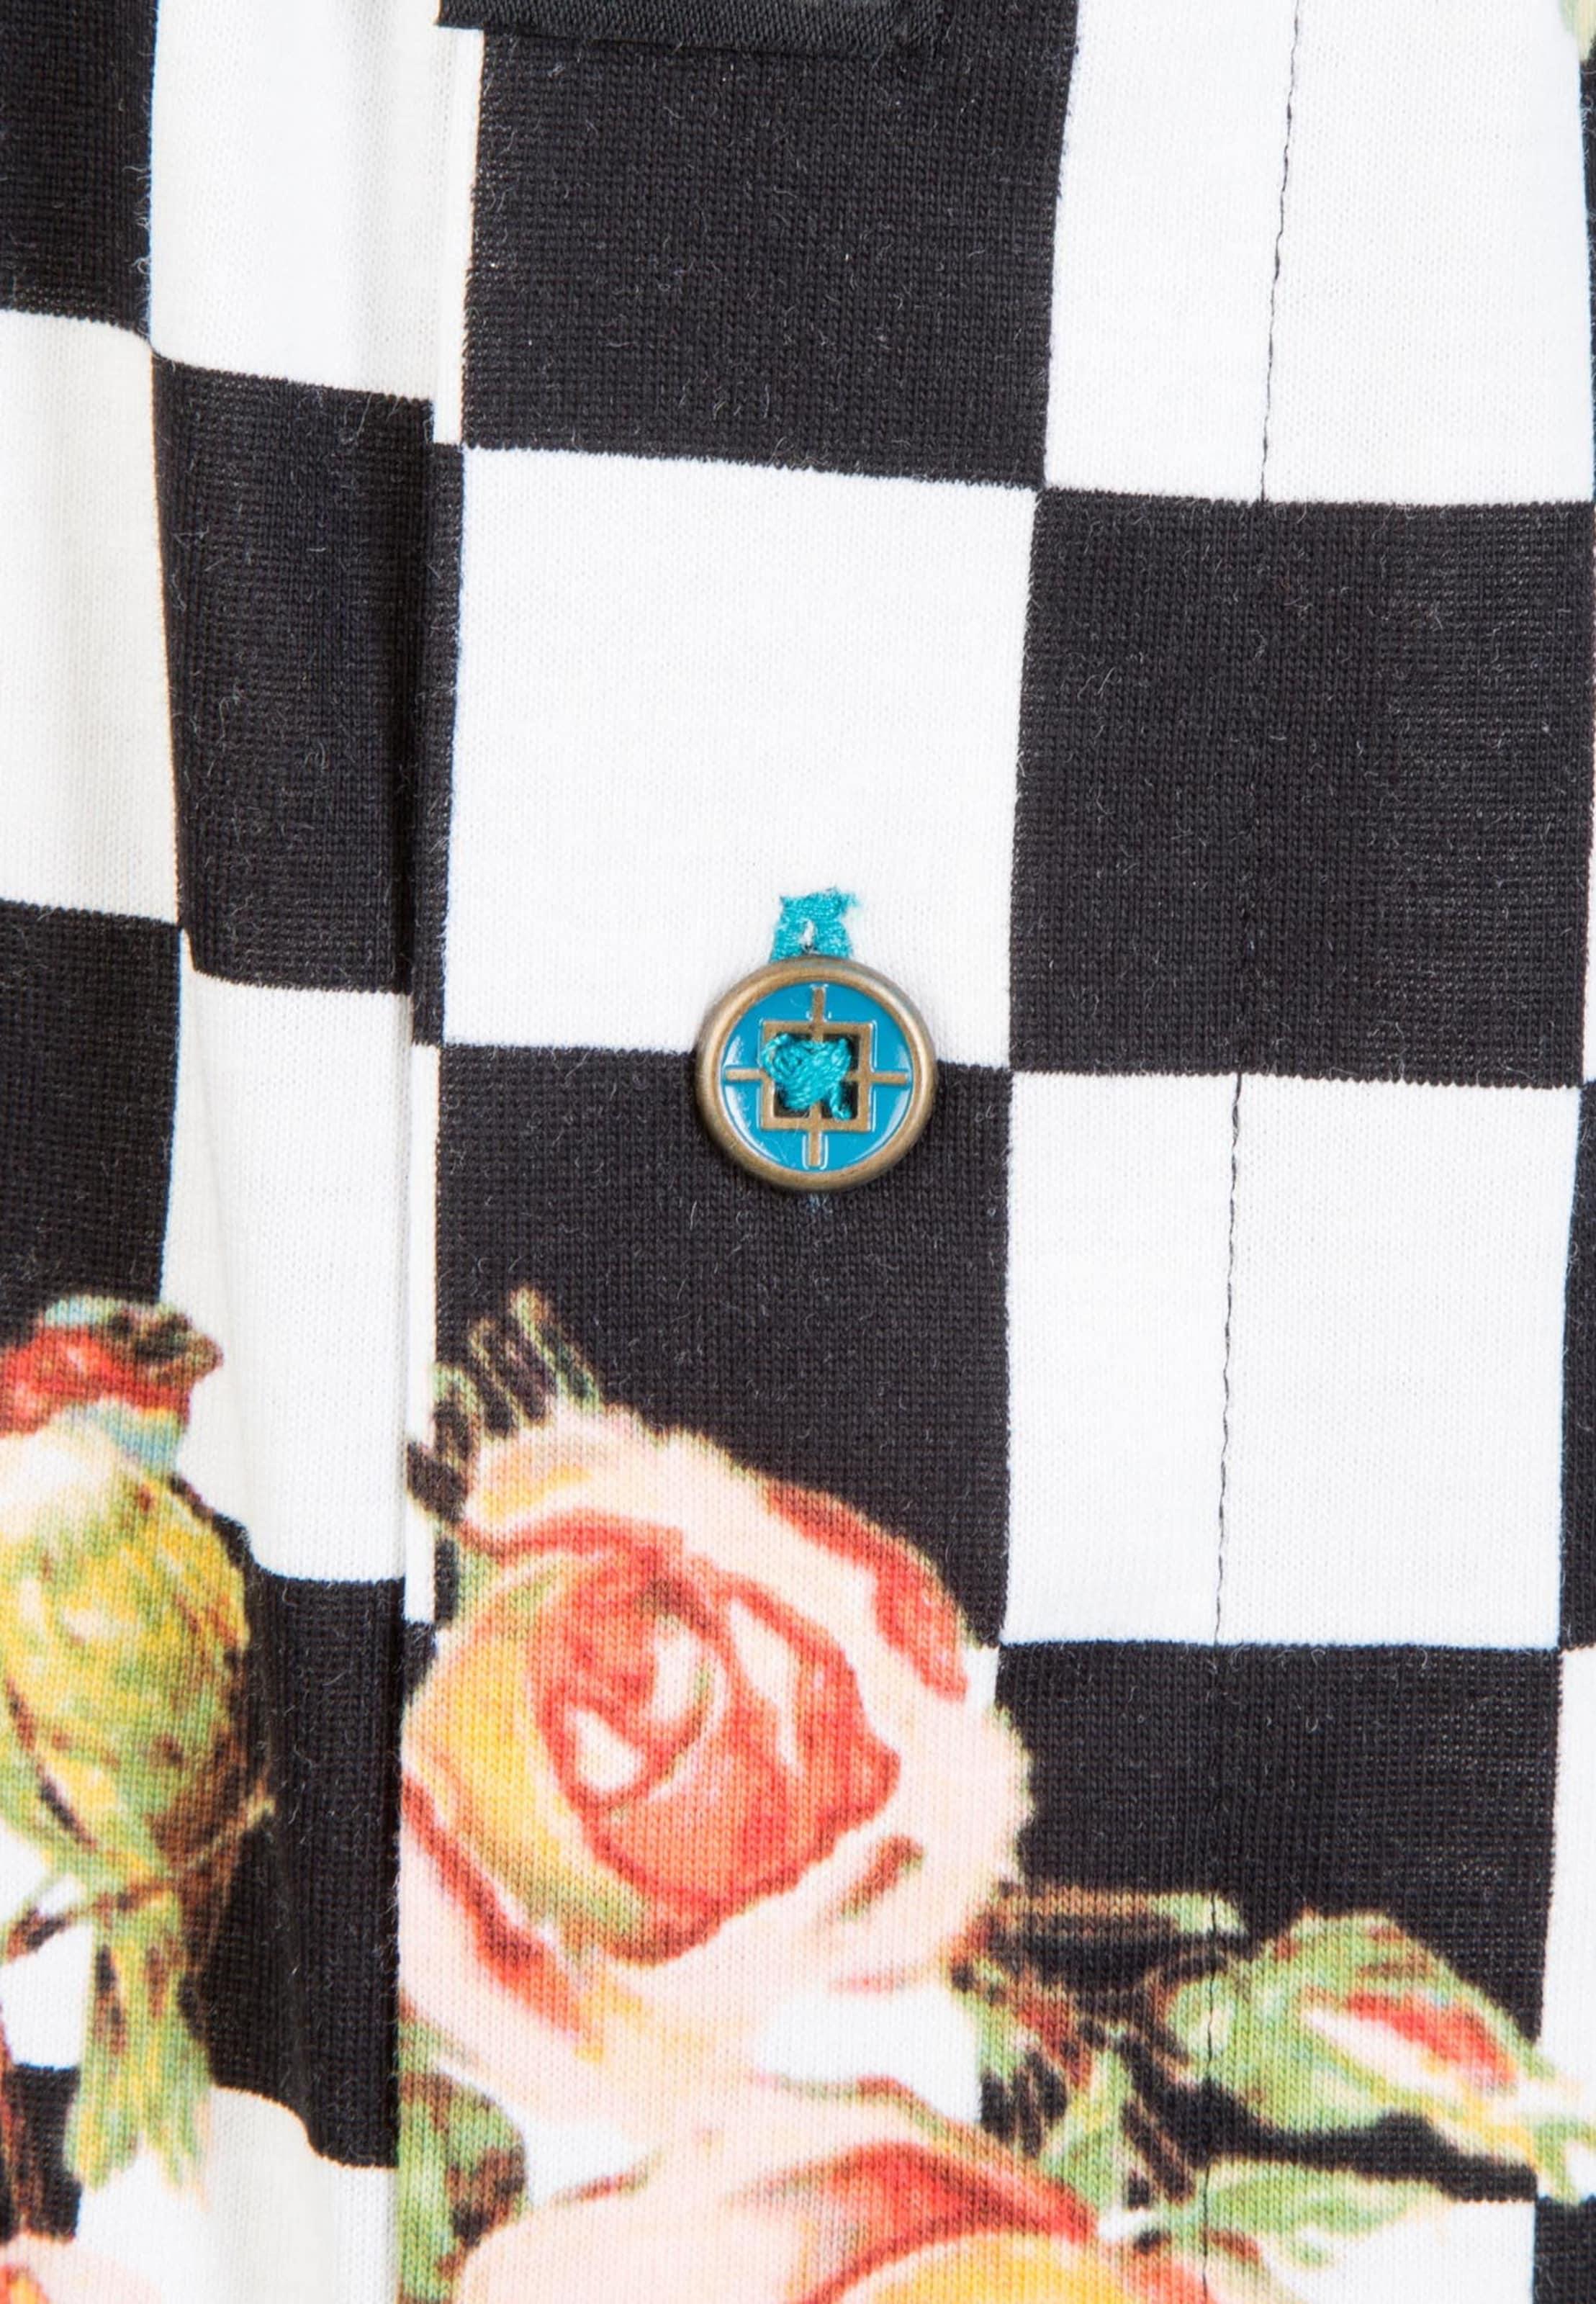 Out' Weiß Check Boxershorts In Schwarz 'floral CremeRosa Stance OiwPulkXZT